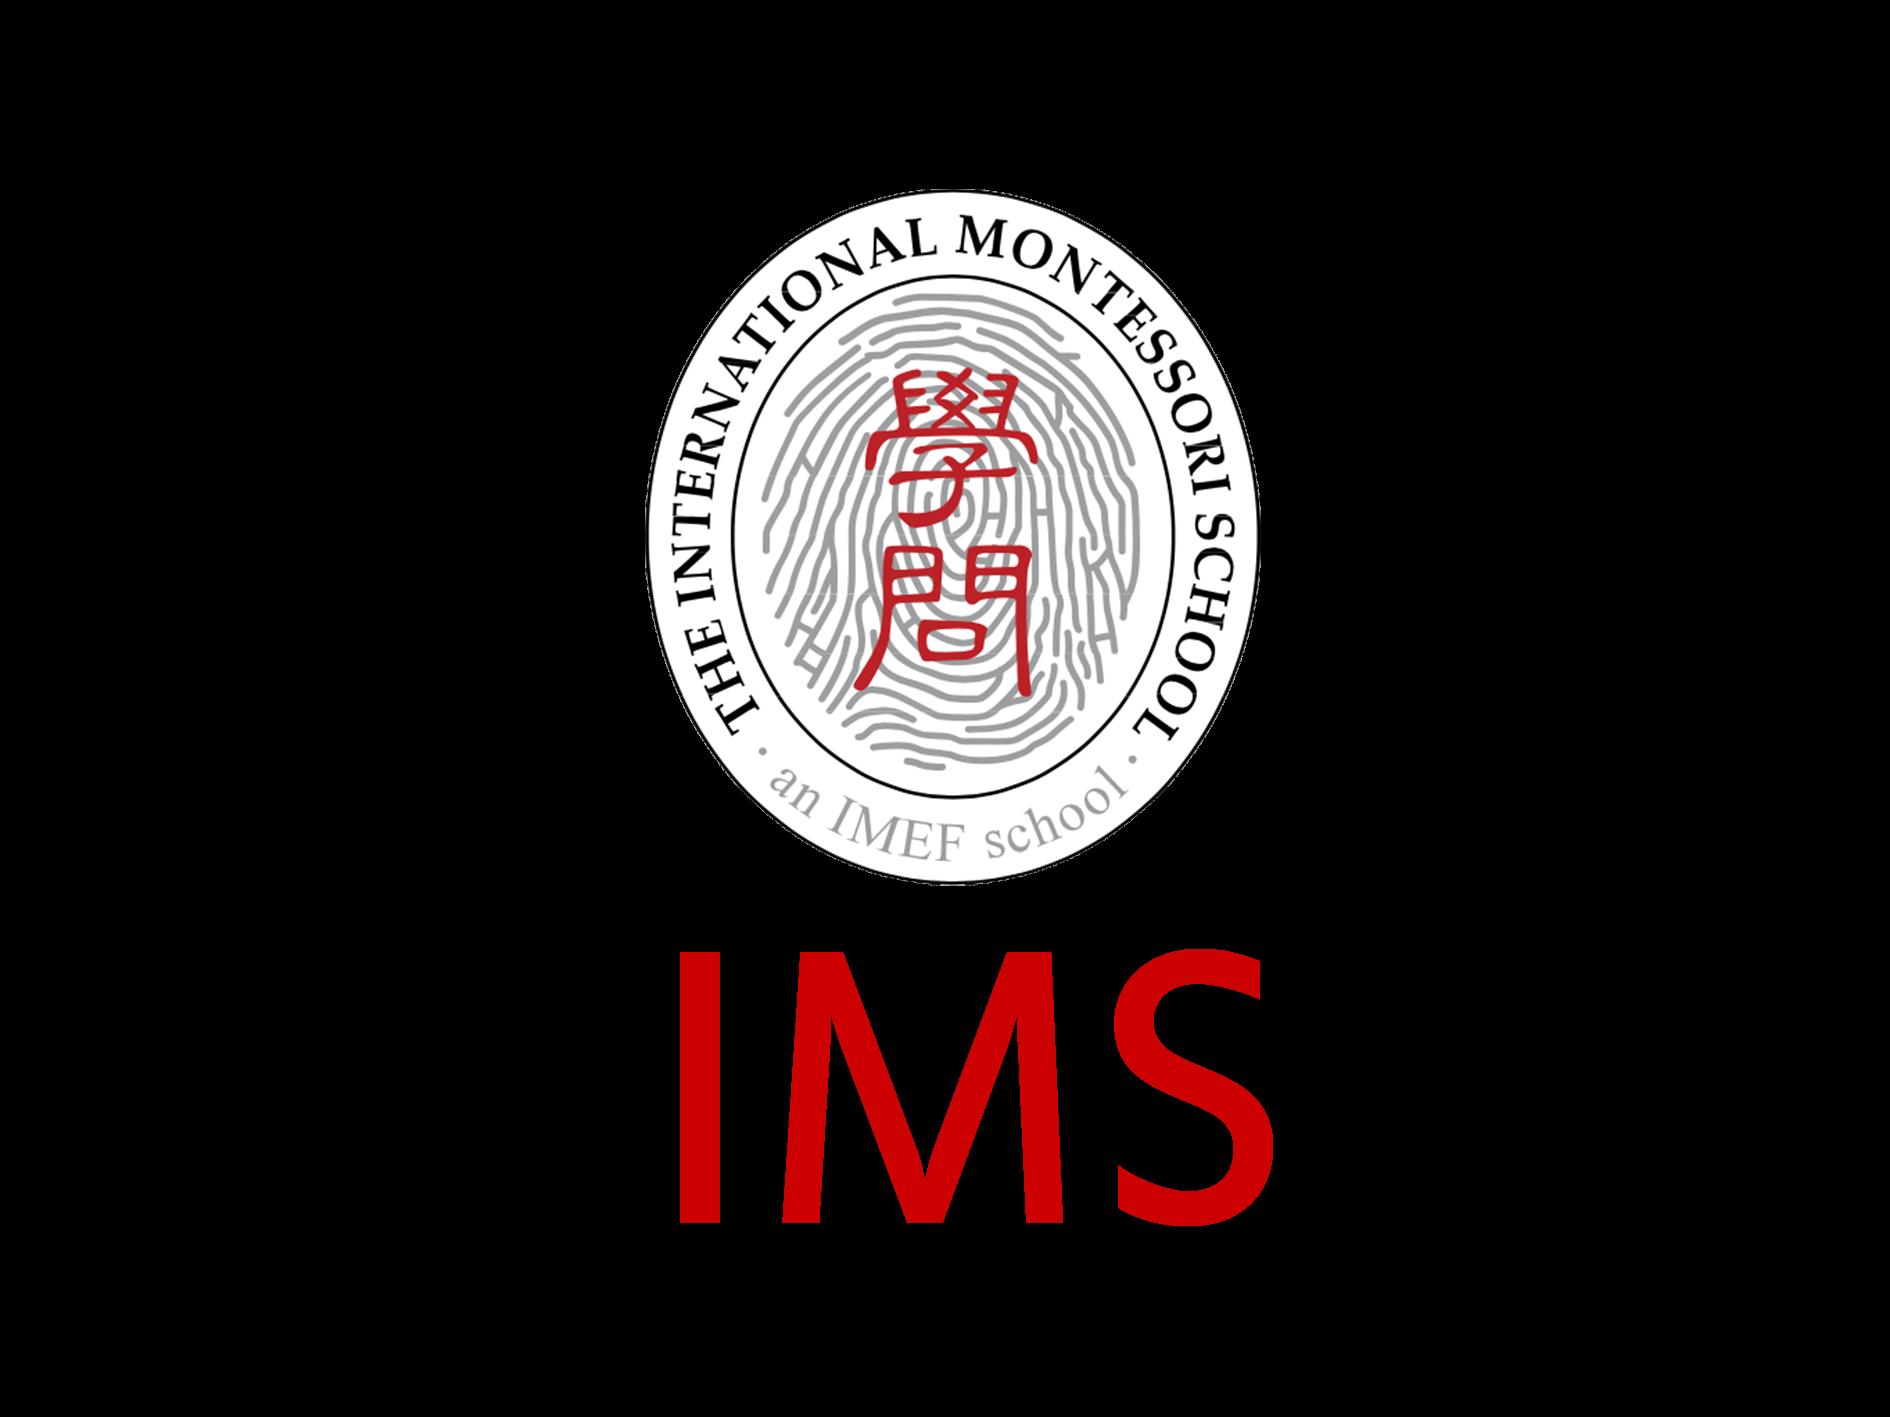 蒙特梭利國際學校校徽